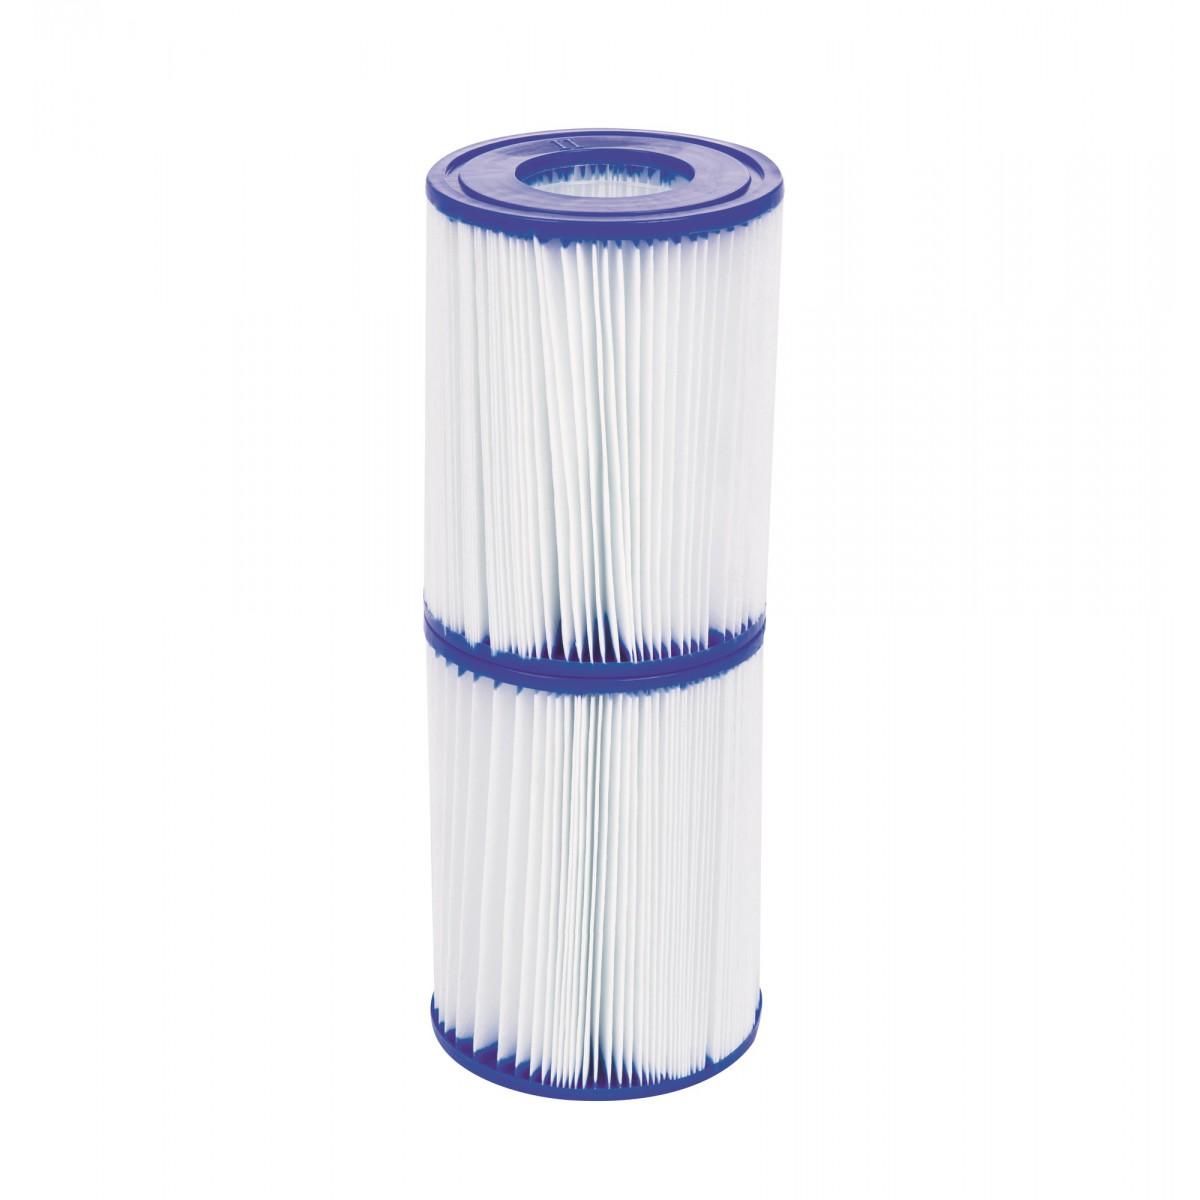 Cartouche de filtration piscine Type (II) Bestway - Diamètre 10,6 cm - Hauteur 13,6 cm - Vendu par 2